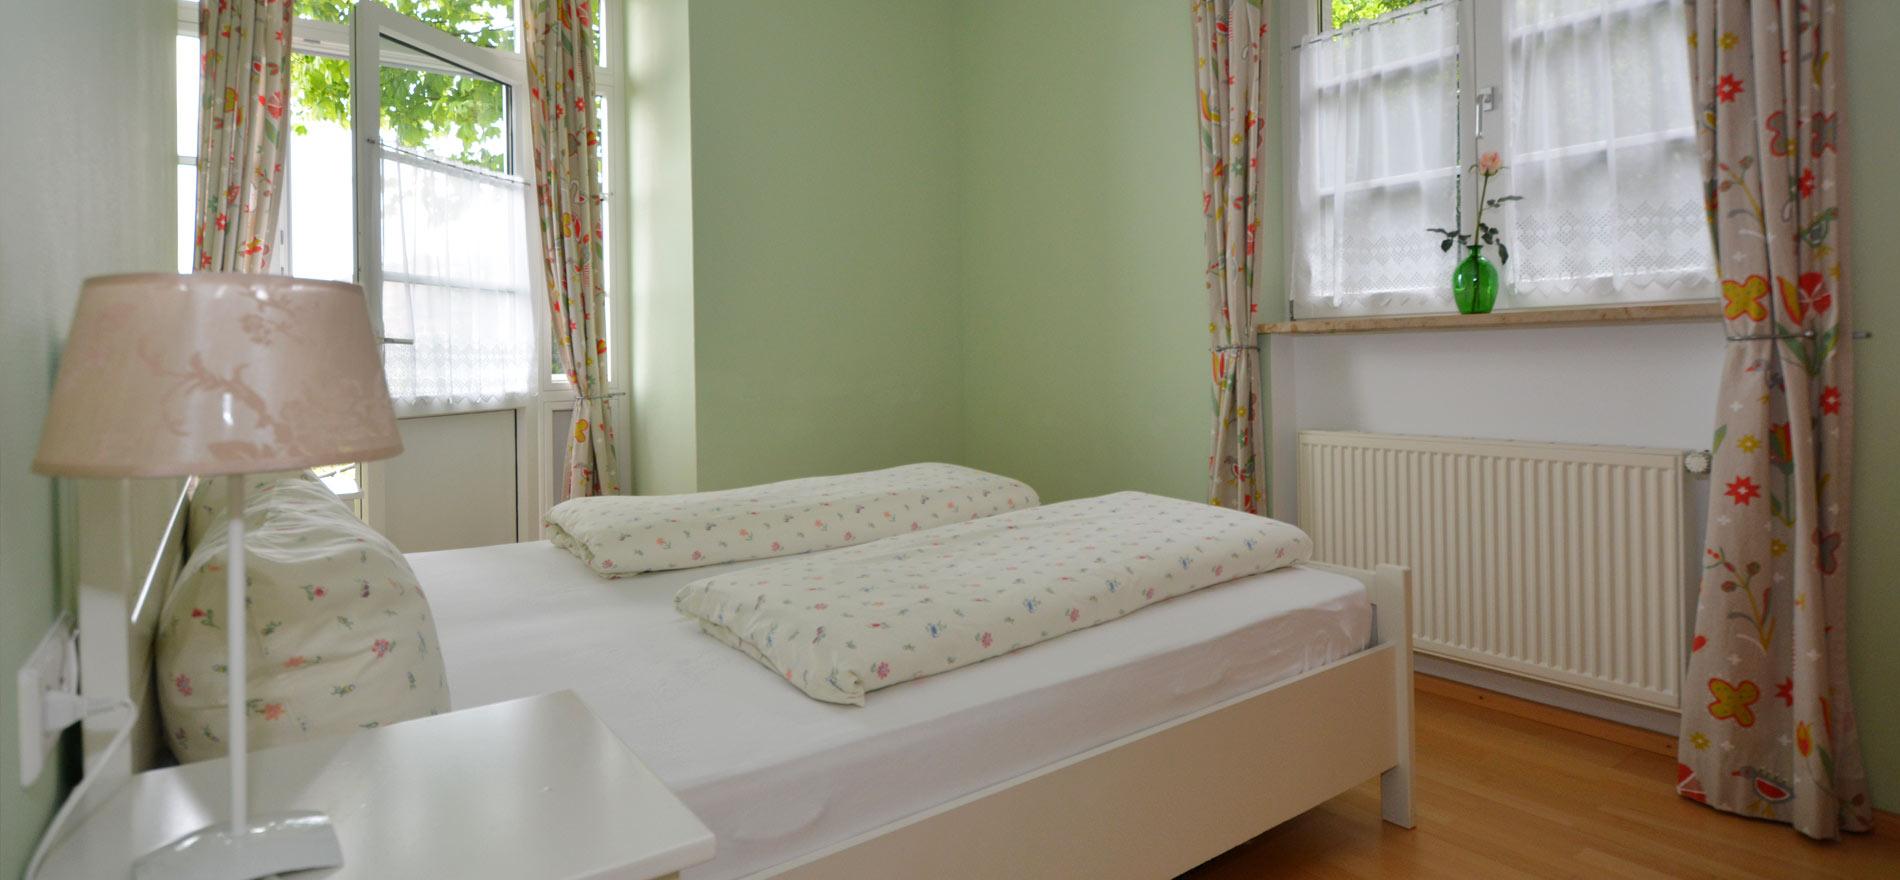 Ferienwohnung Pfarrhaus in Meersburg - Wohnung 3 4